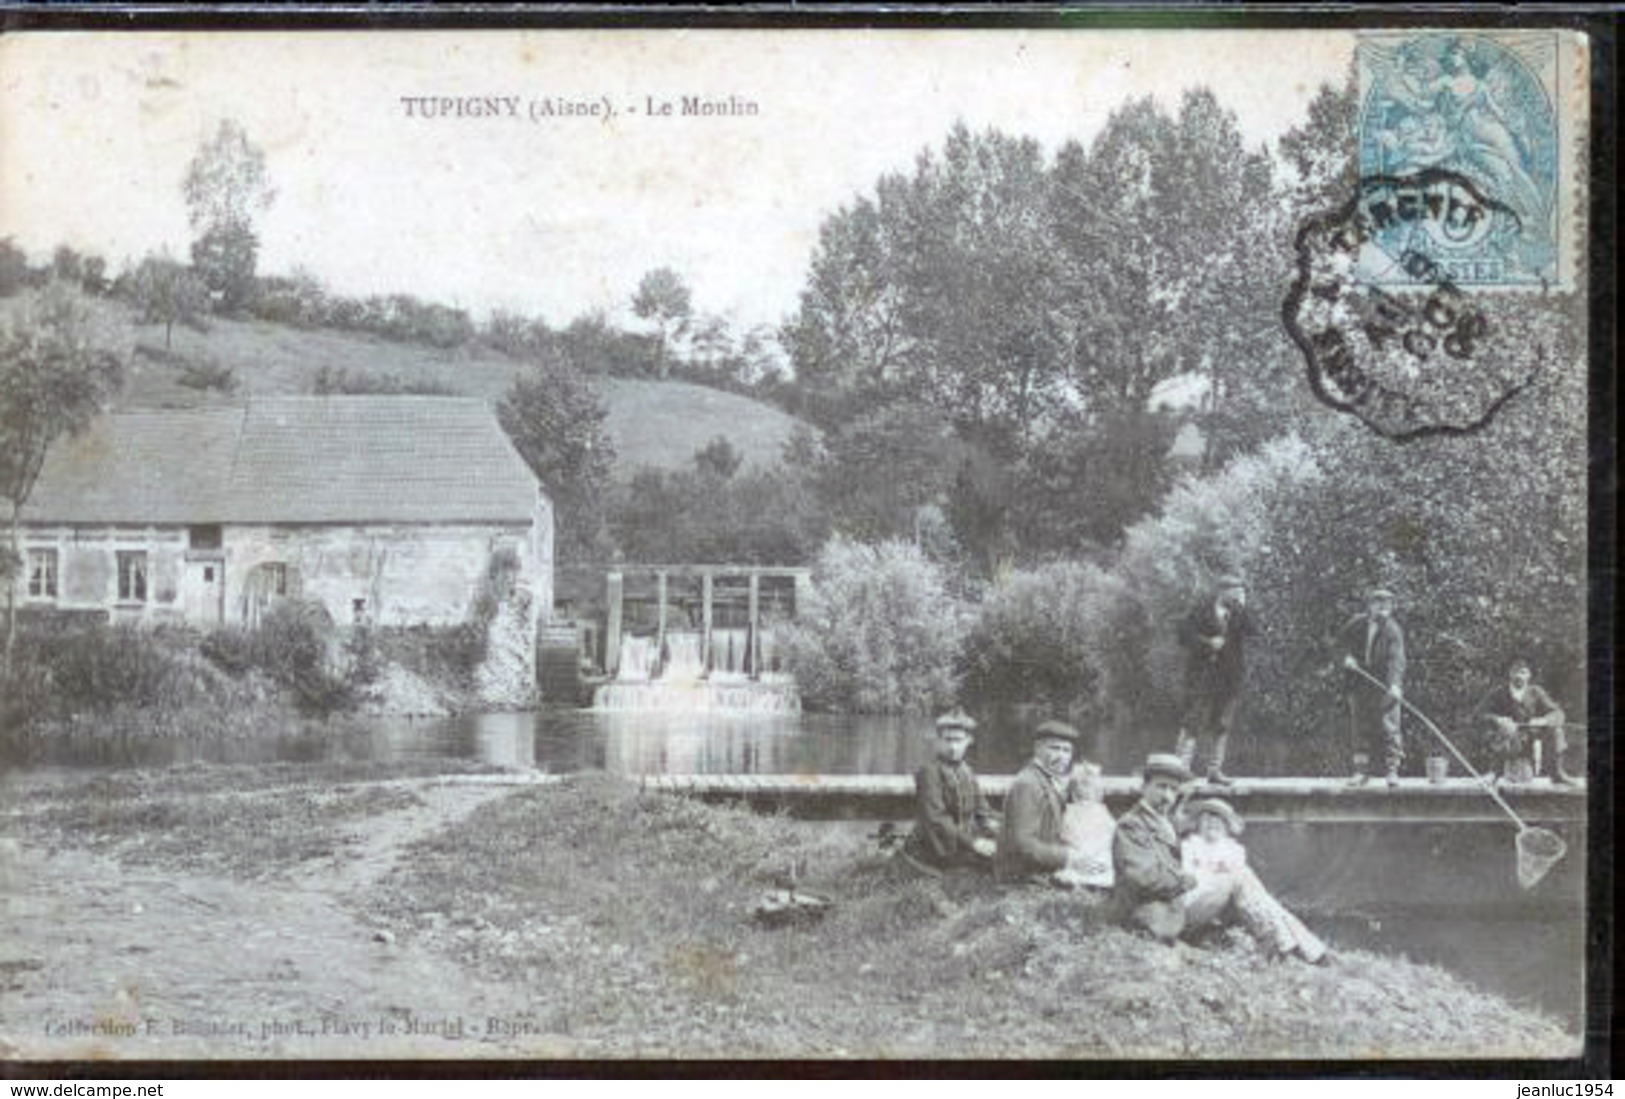 TUPIGNY LE MOULIN - Francia